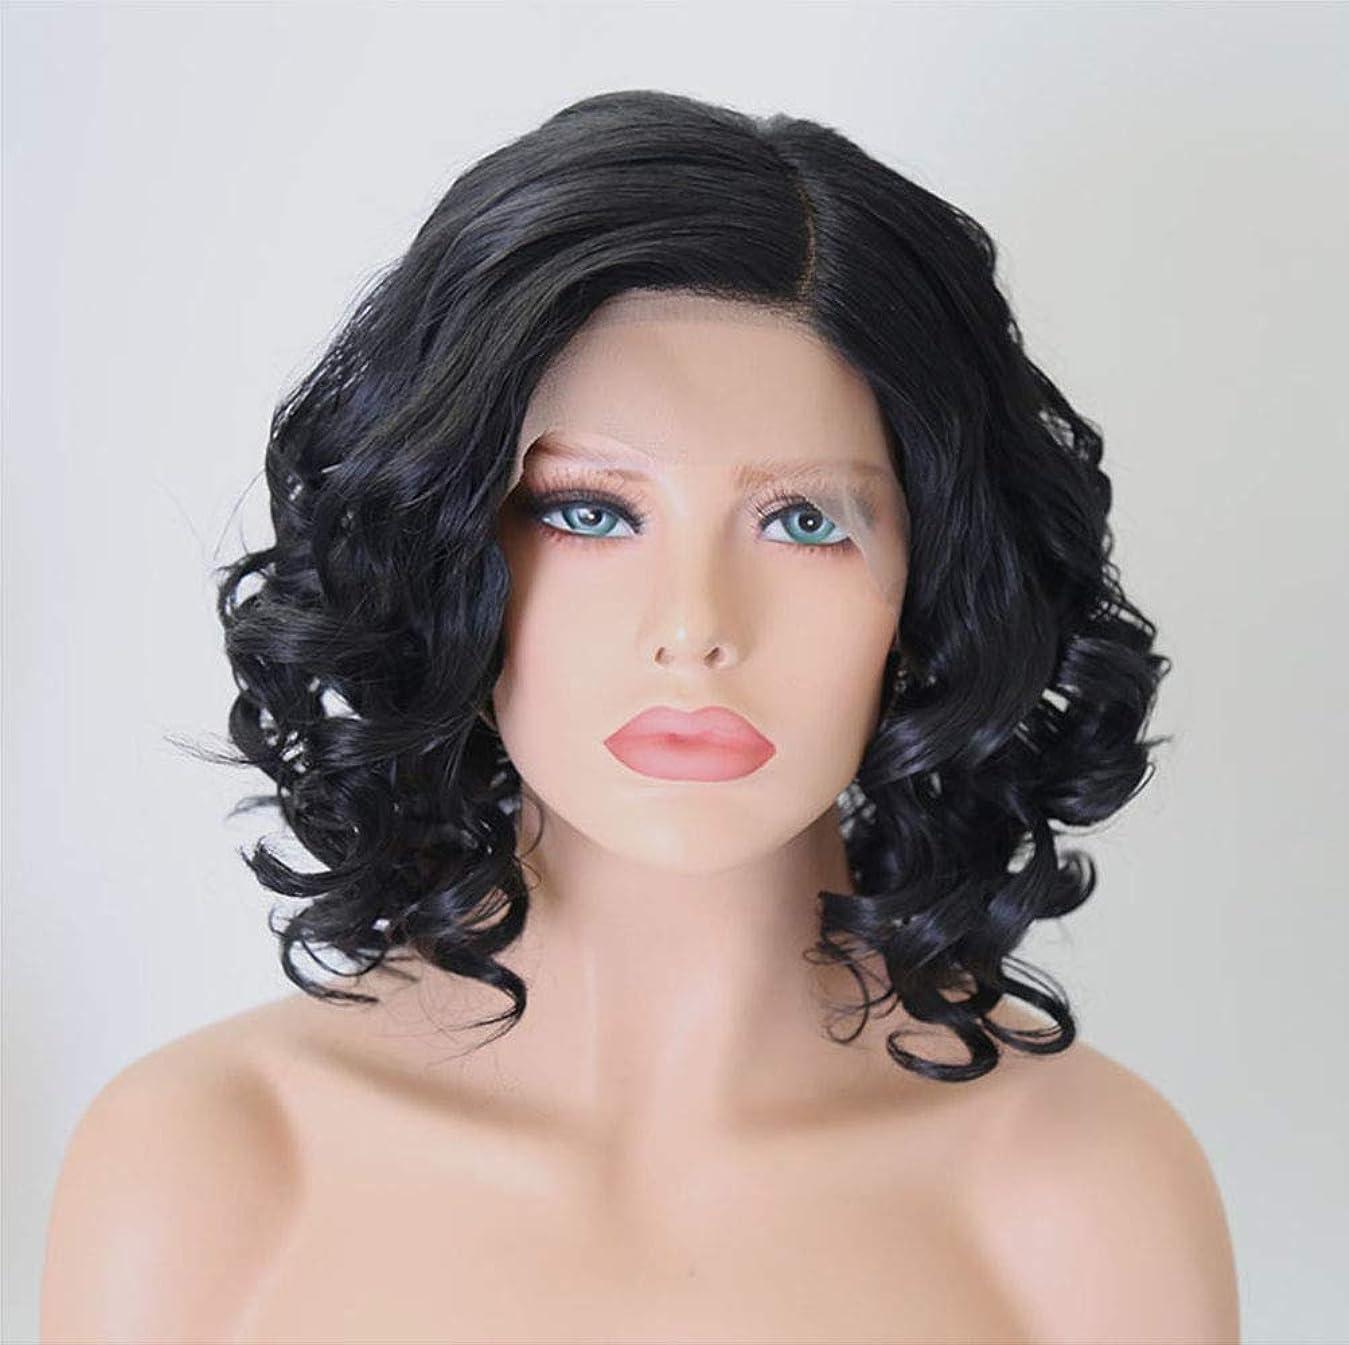 協同追い払うご予約女性のためのフロントレースウィッグショートヘアナチュラルウェーブのかかった合成繊維ウィッグ黒12インチ